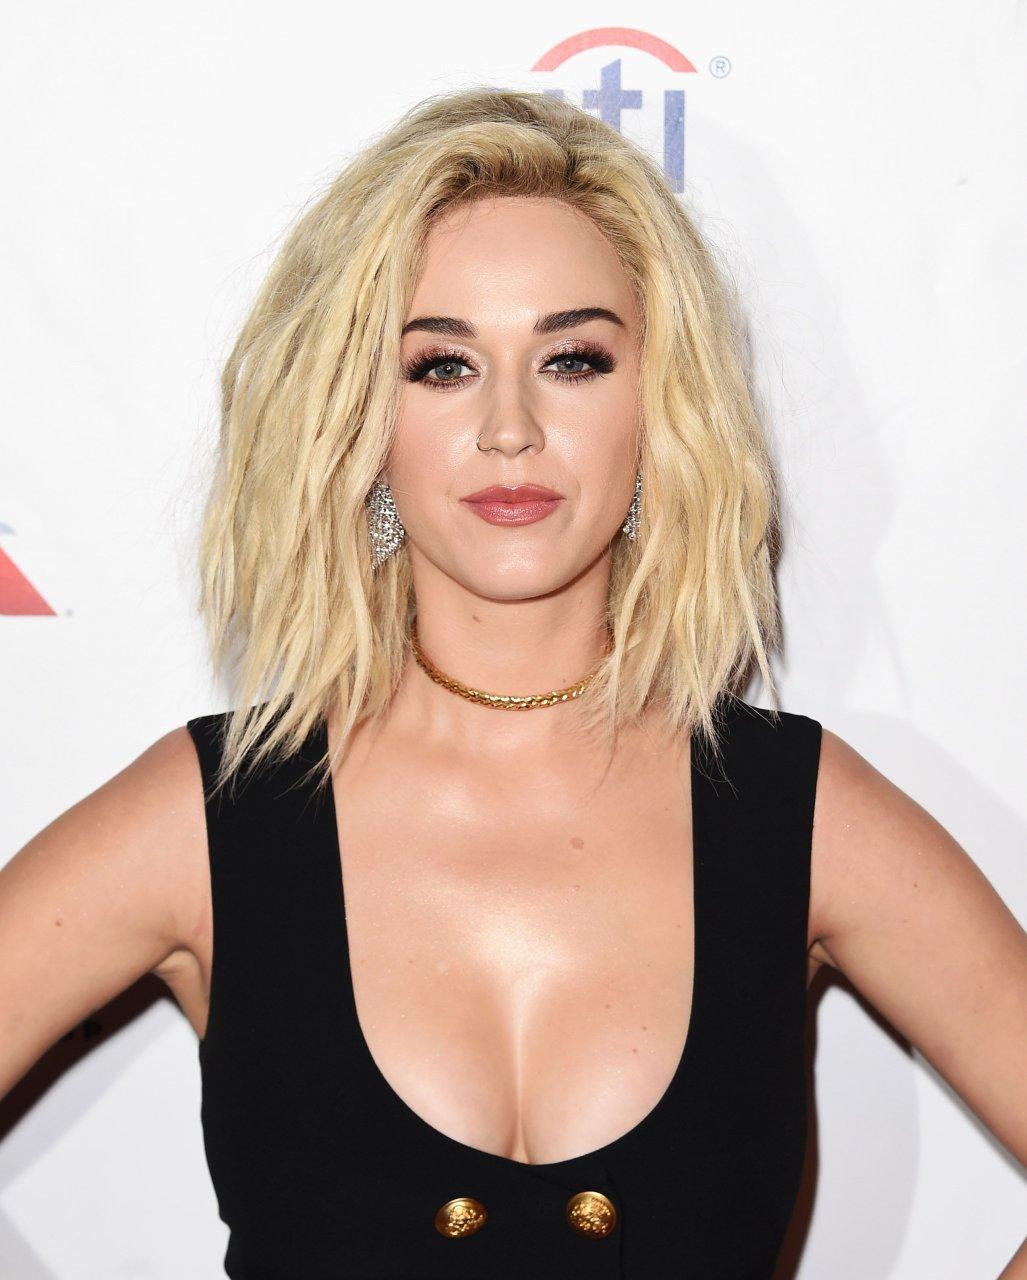 Güzel şarkıcı Katy Perry'nin en güzel HD resimleri bu sitede. Sexy paylaşımlarıyla olay yaratmaya devam ediyor. Yabancı ünlü kadınların seksi Instagram paylaşımları.